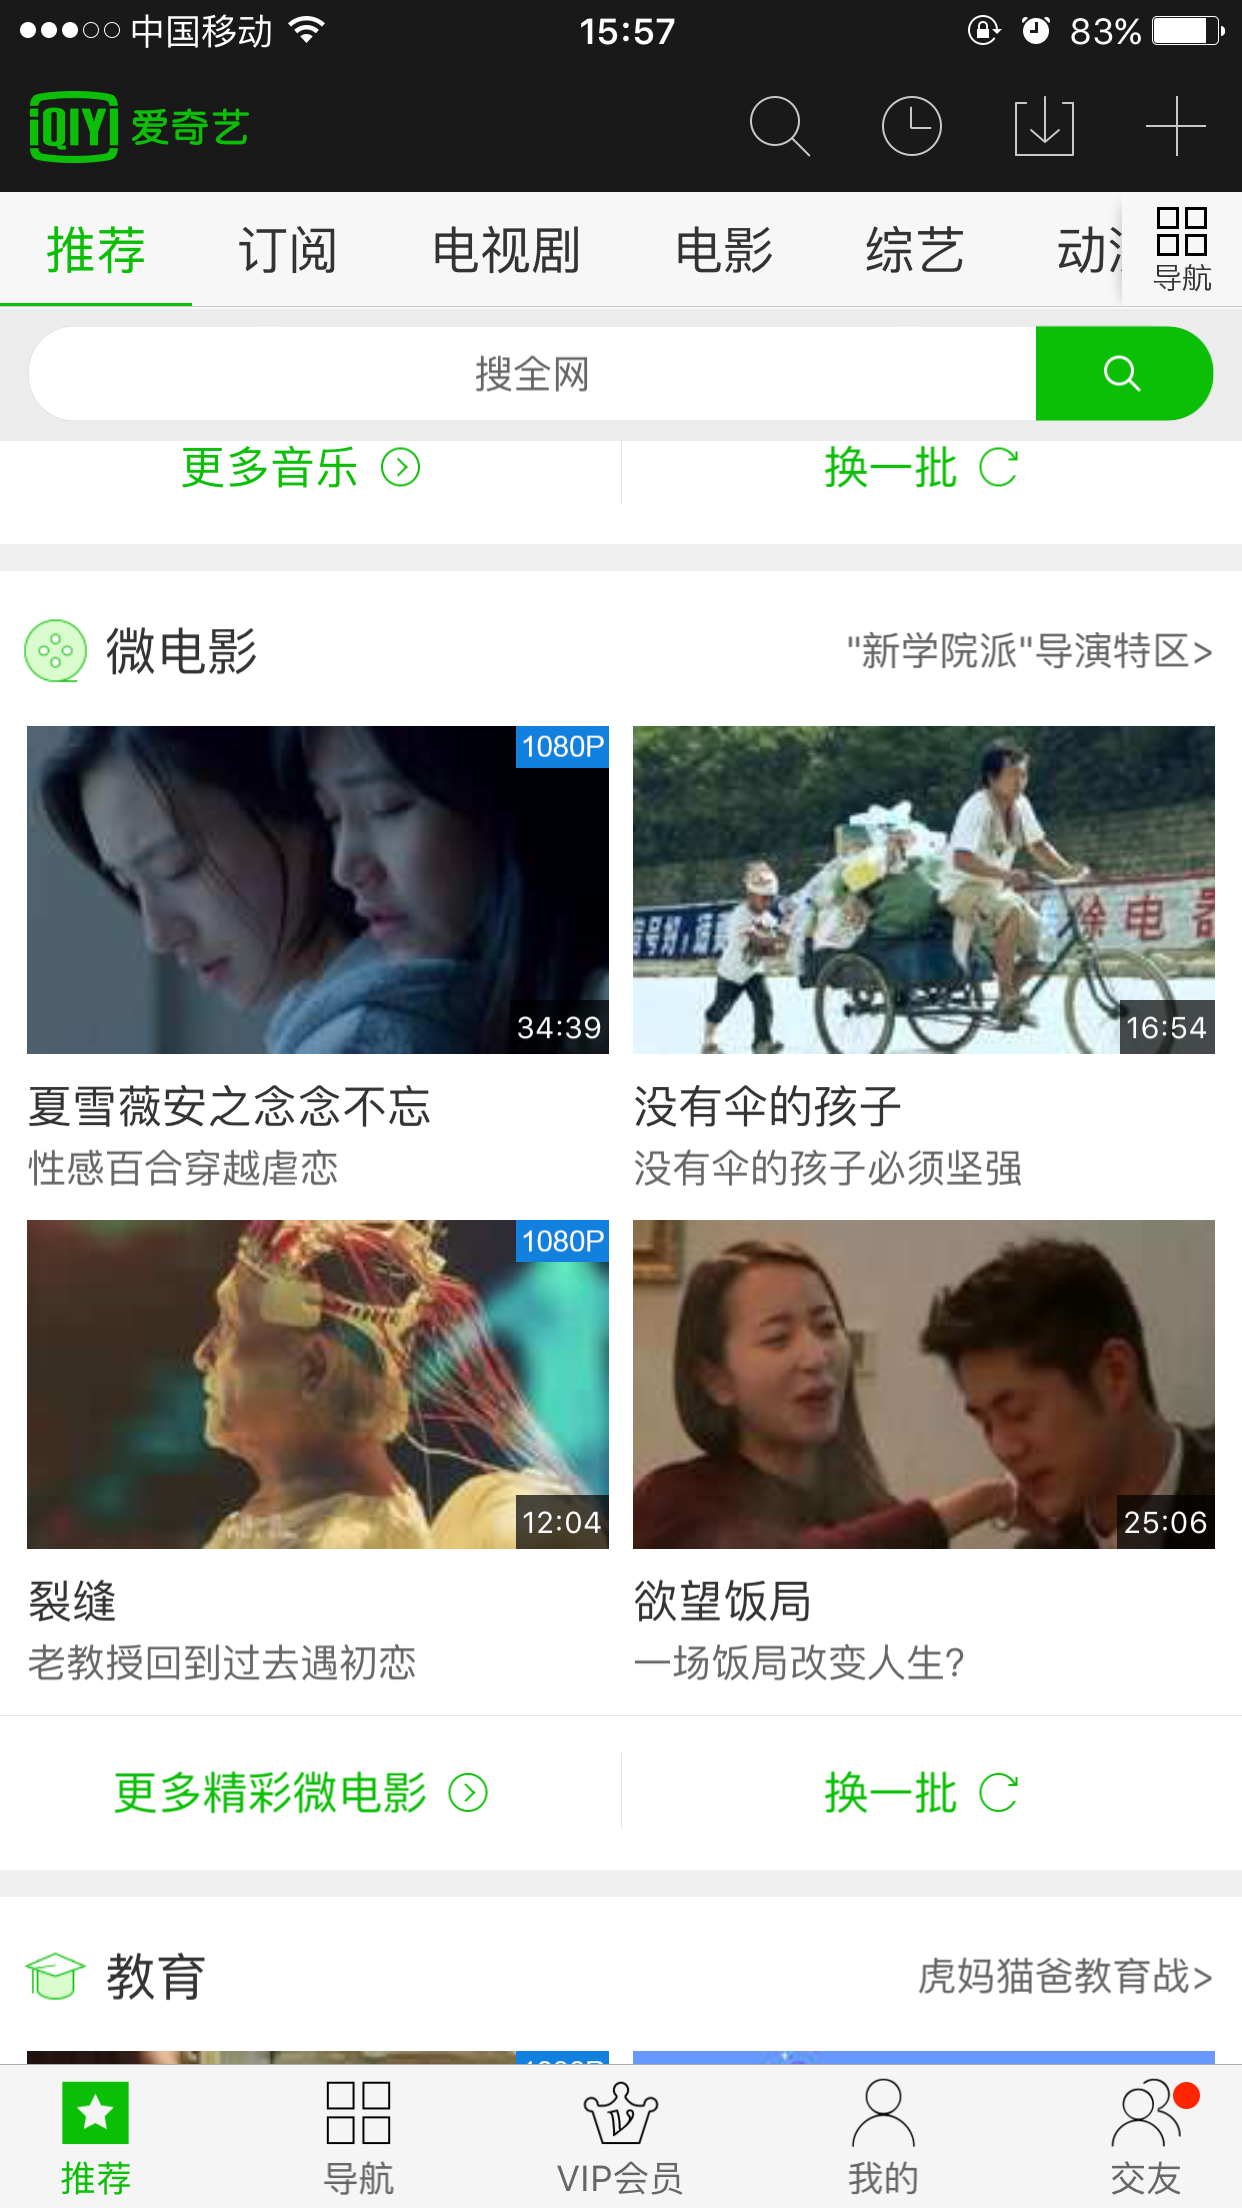 爱奇艺app首页